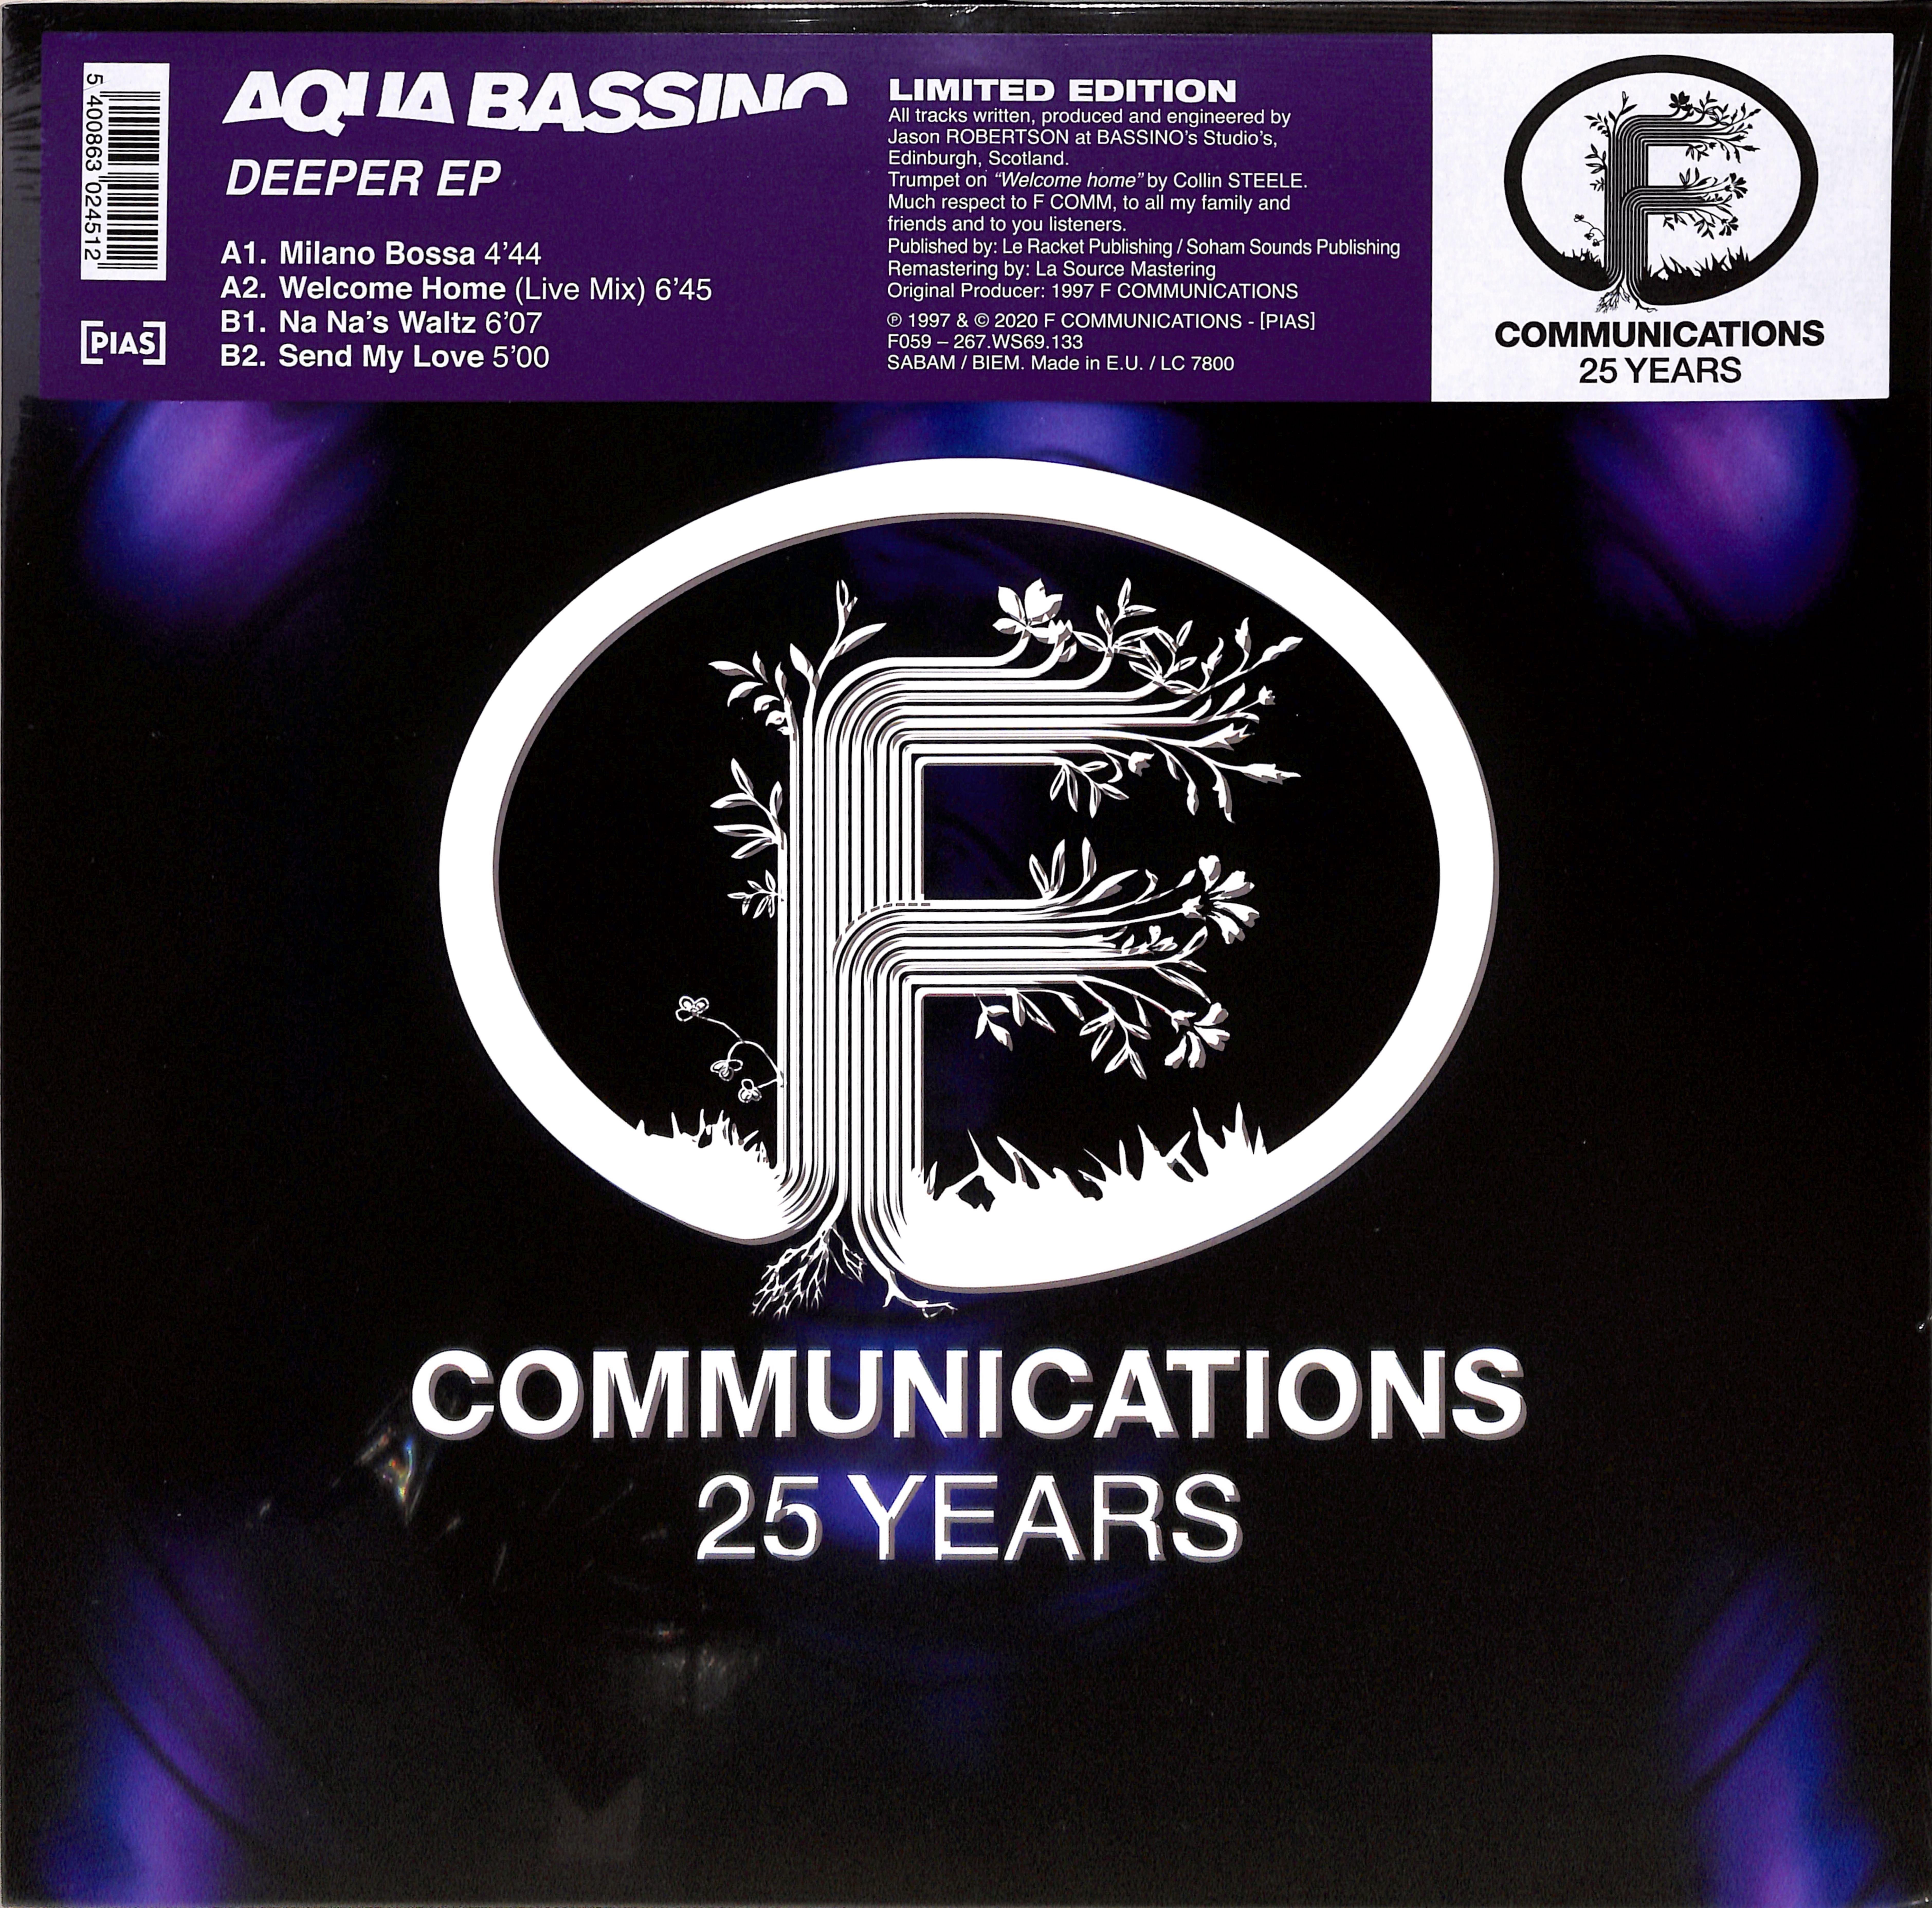 Aqua Bassino - DEEPER EP